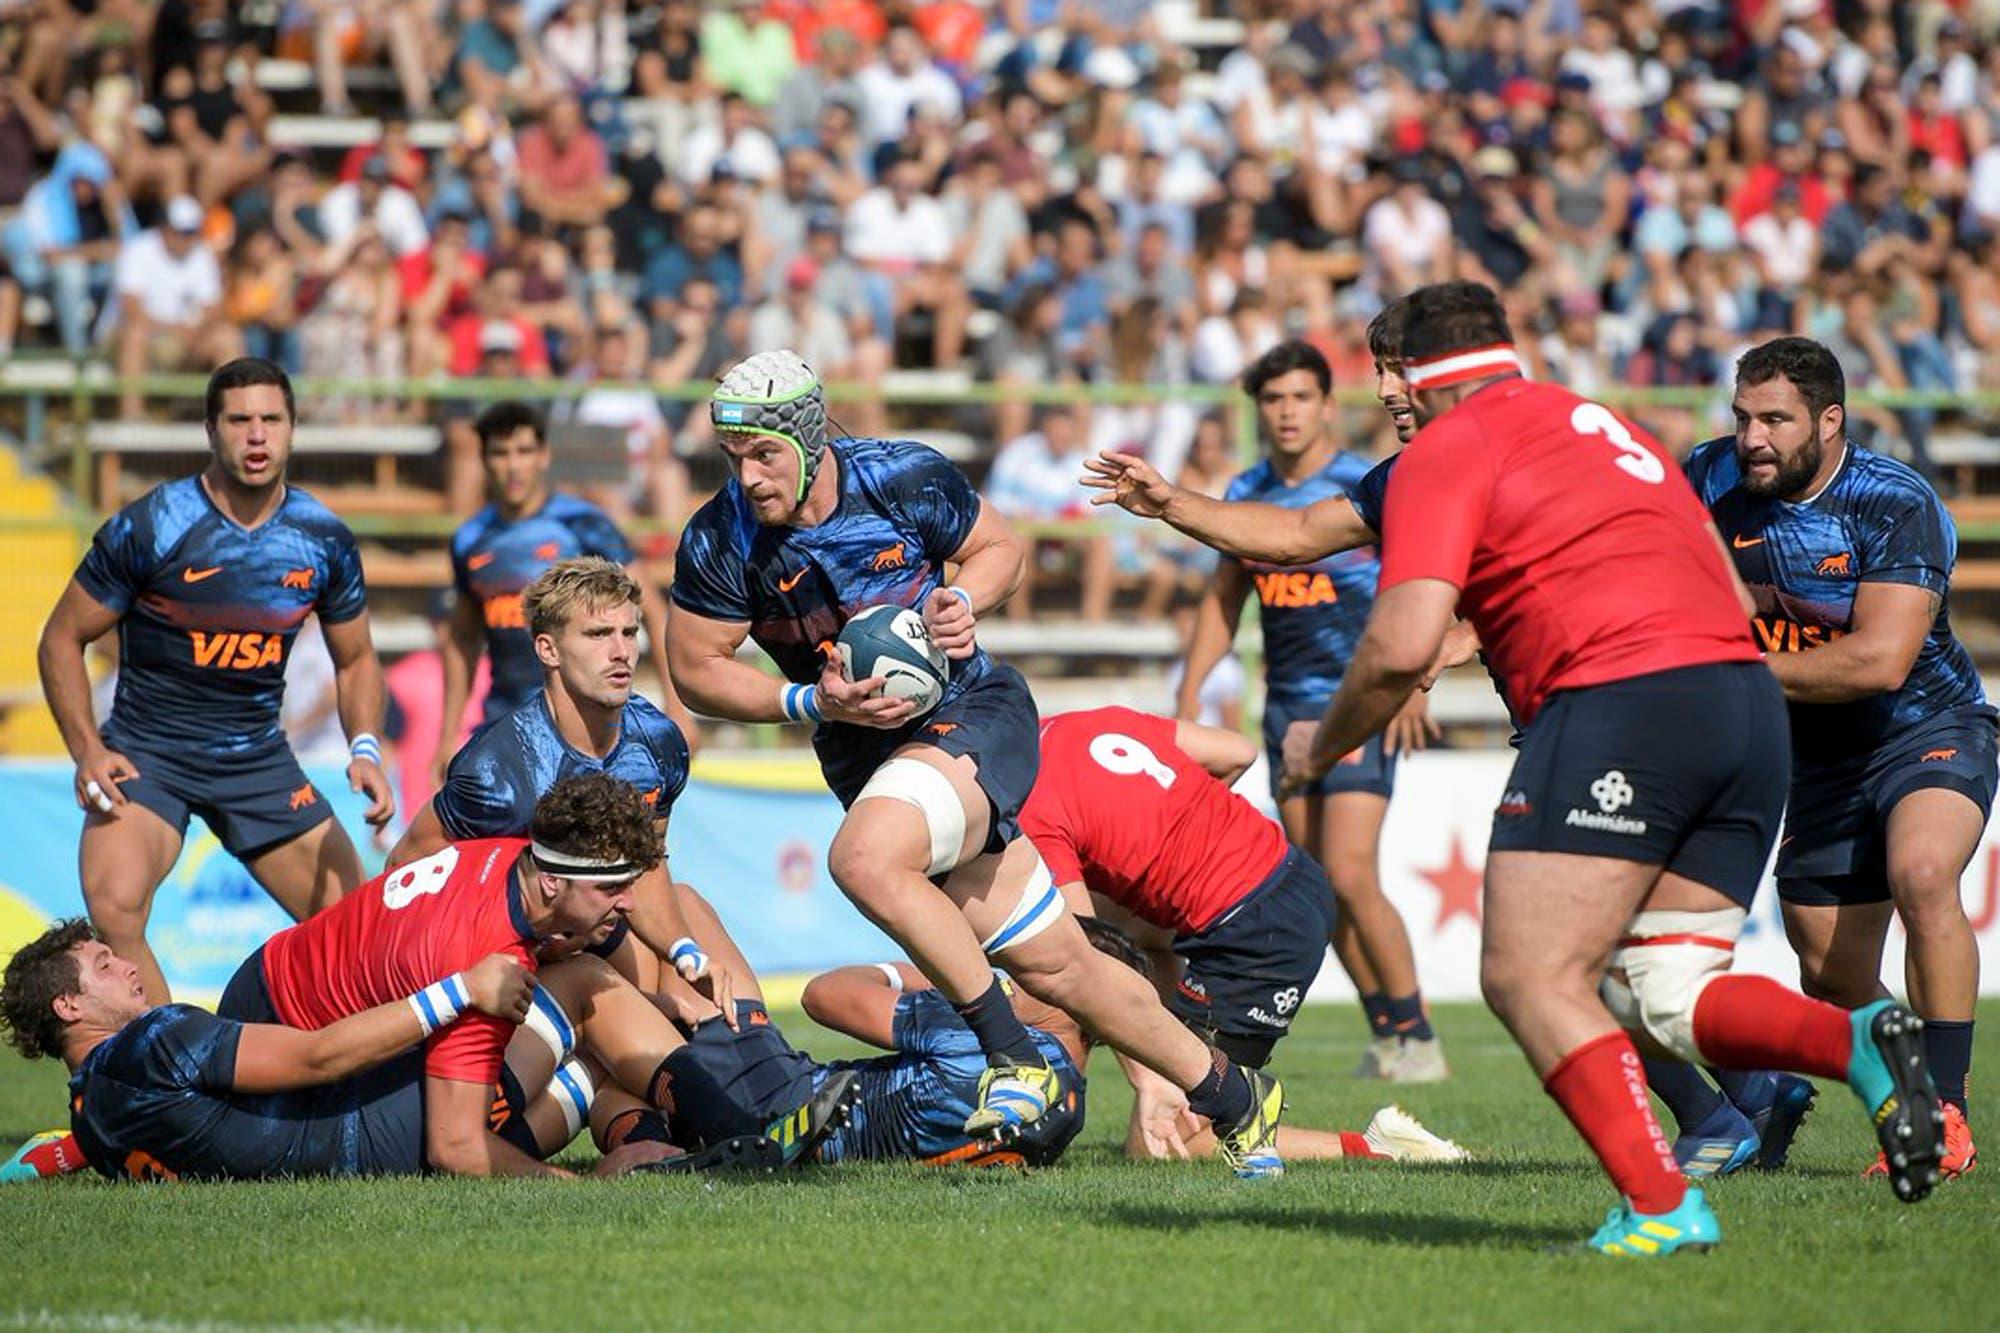 Argentina XV arrasó con Chile y fijó varios récords en el Americas Rugby Championship